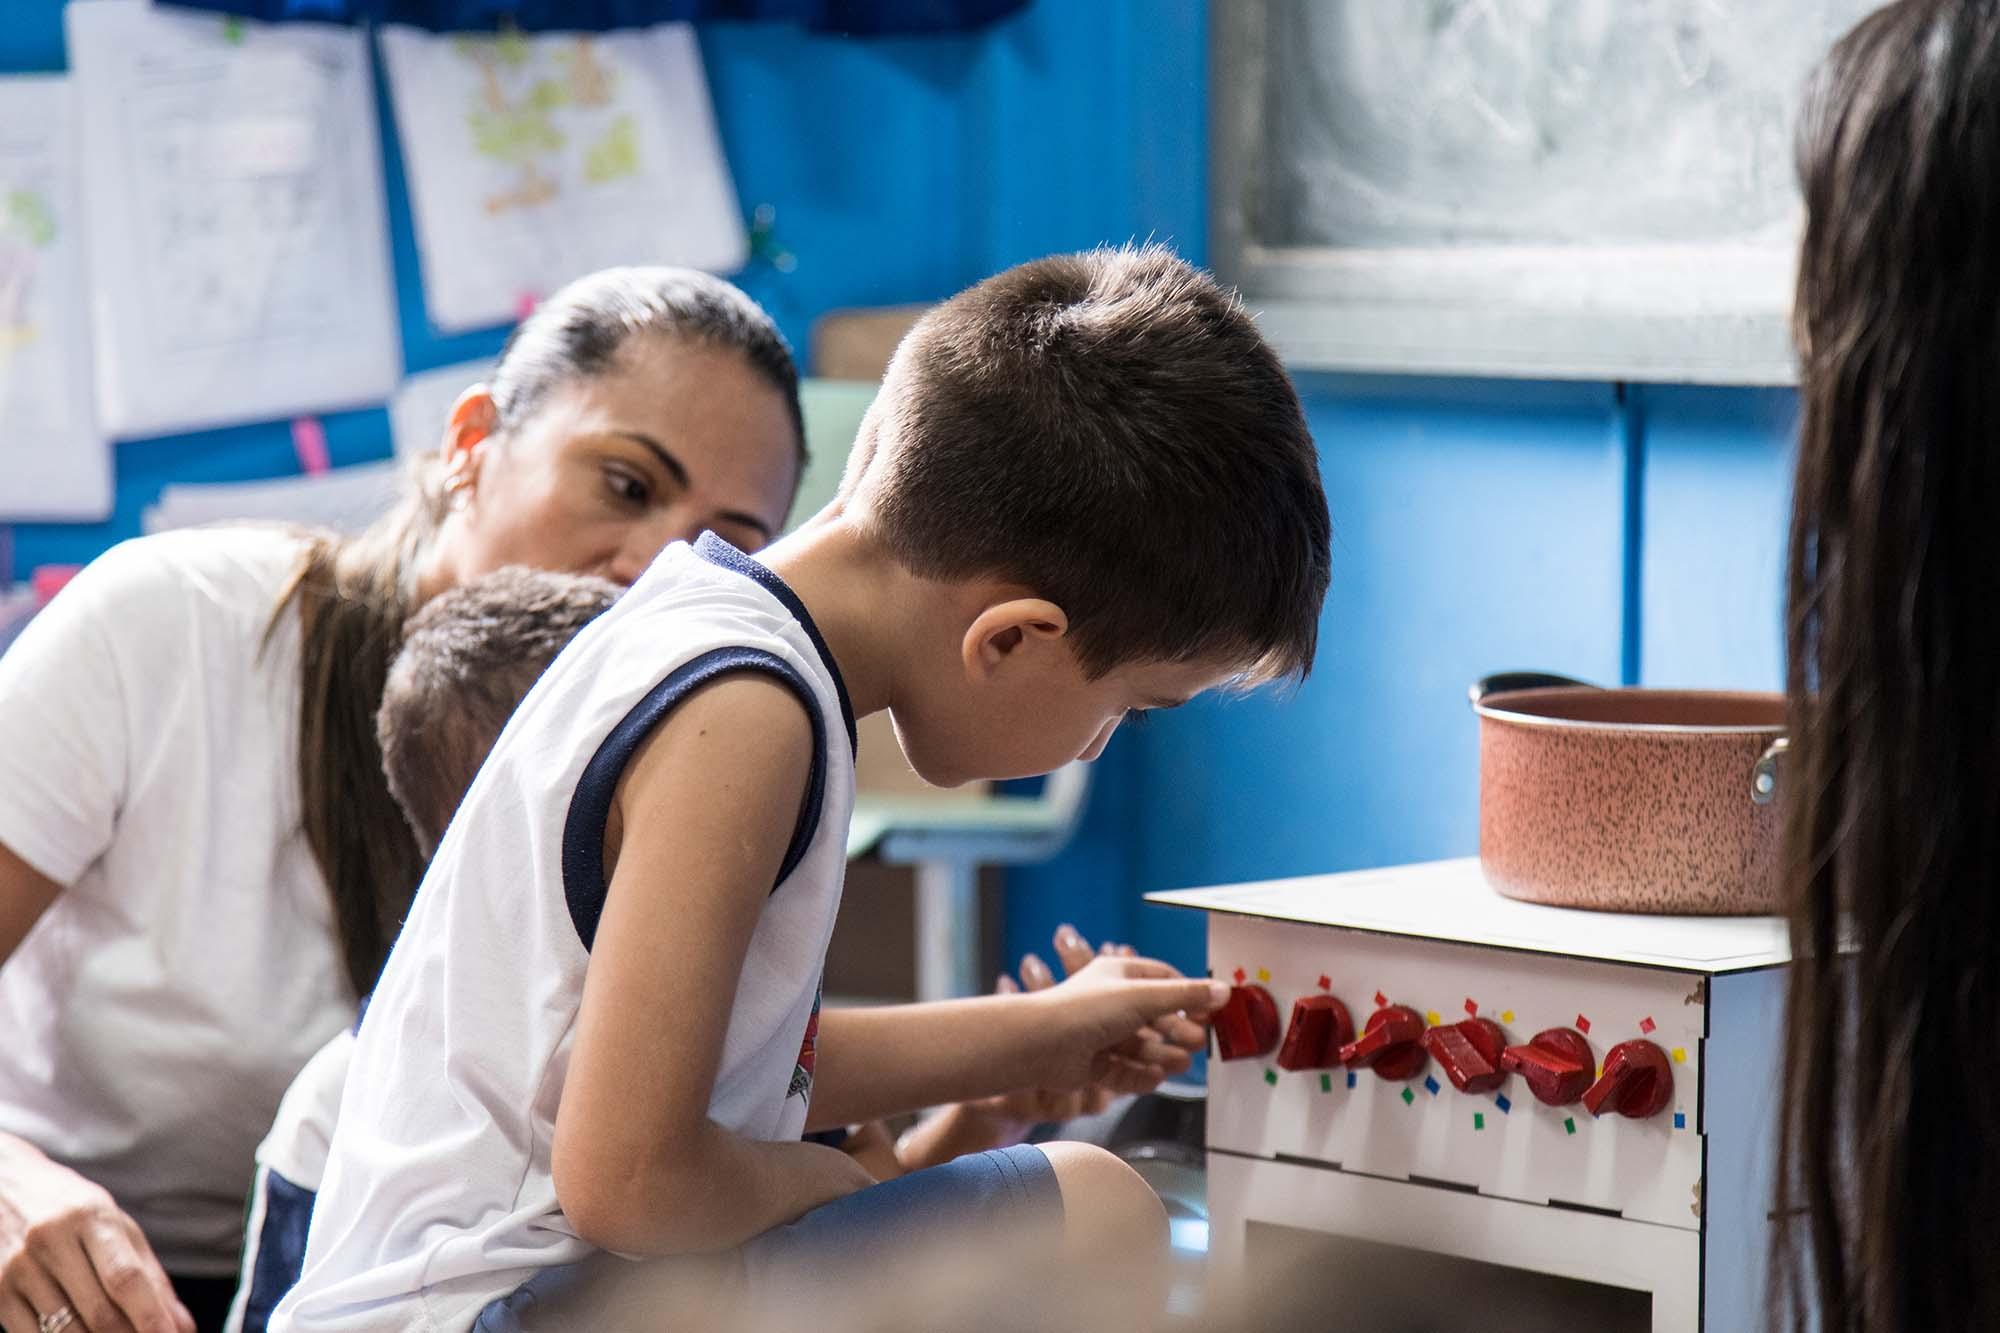 Em sala de aula, aluno manuseia um dos botões do fogão musical, enquanto é observado por professora. Fim da descrição.